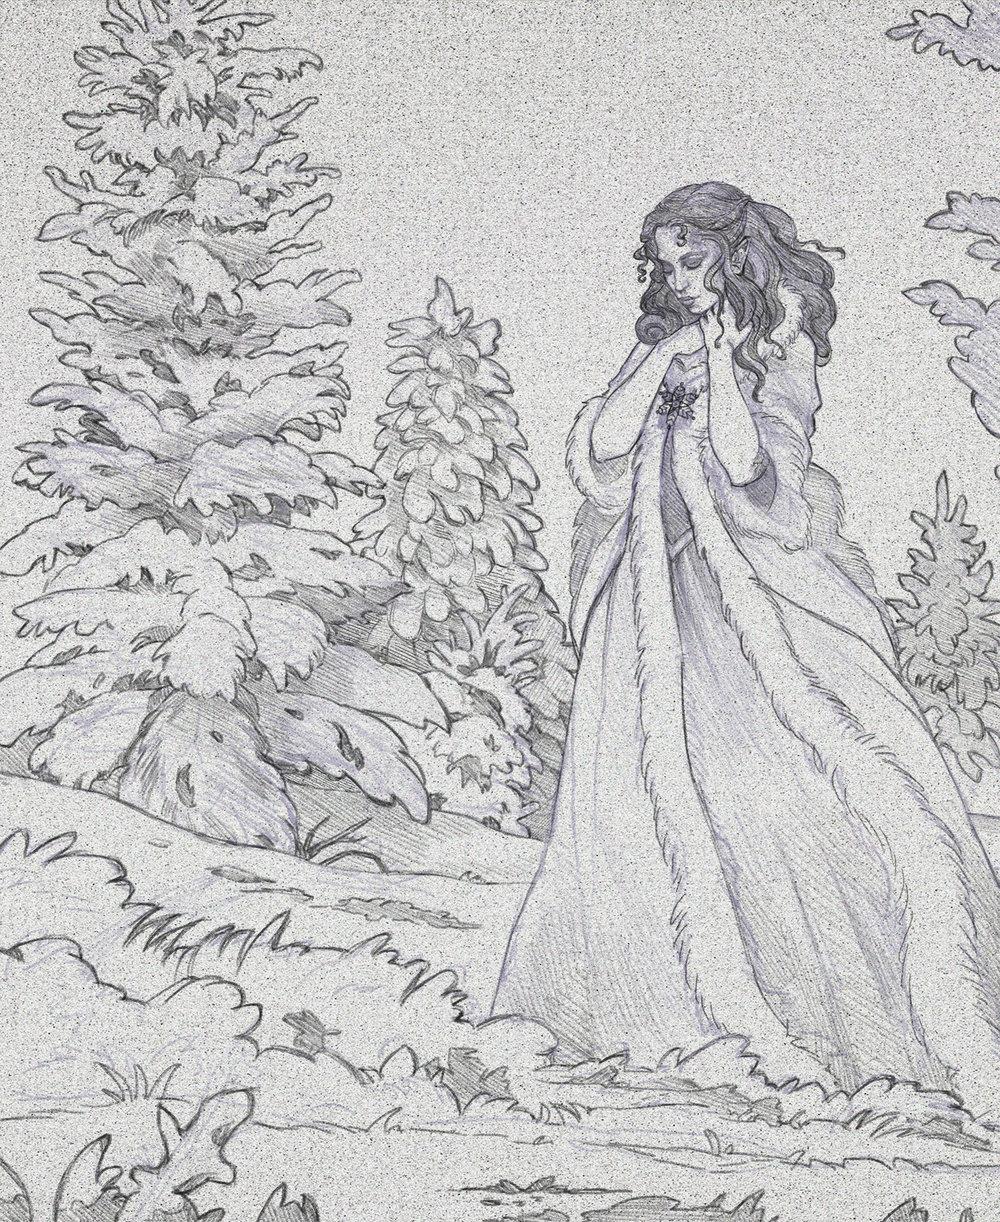 2. Drawing